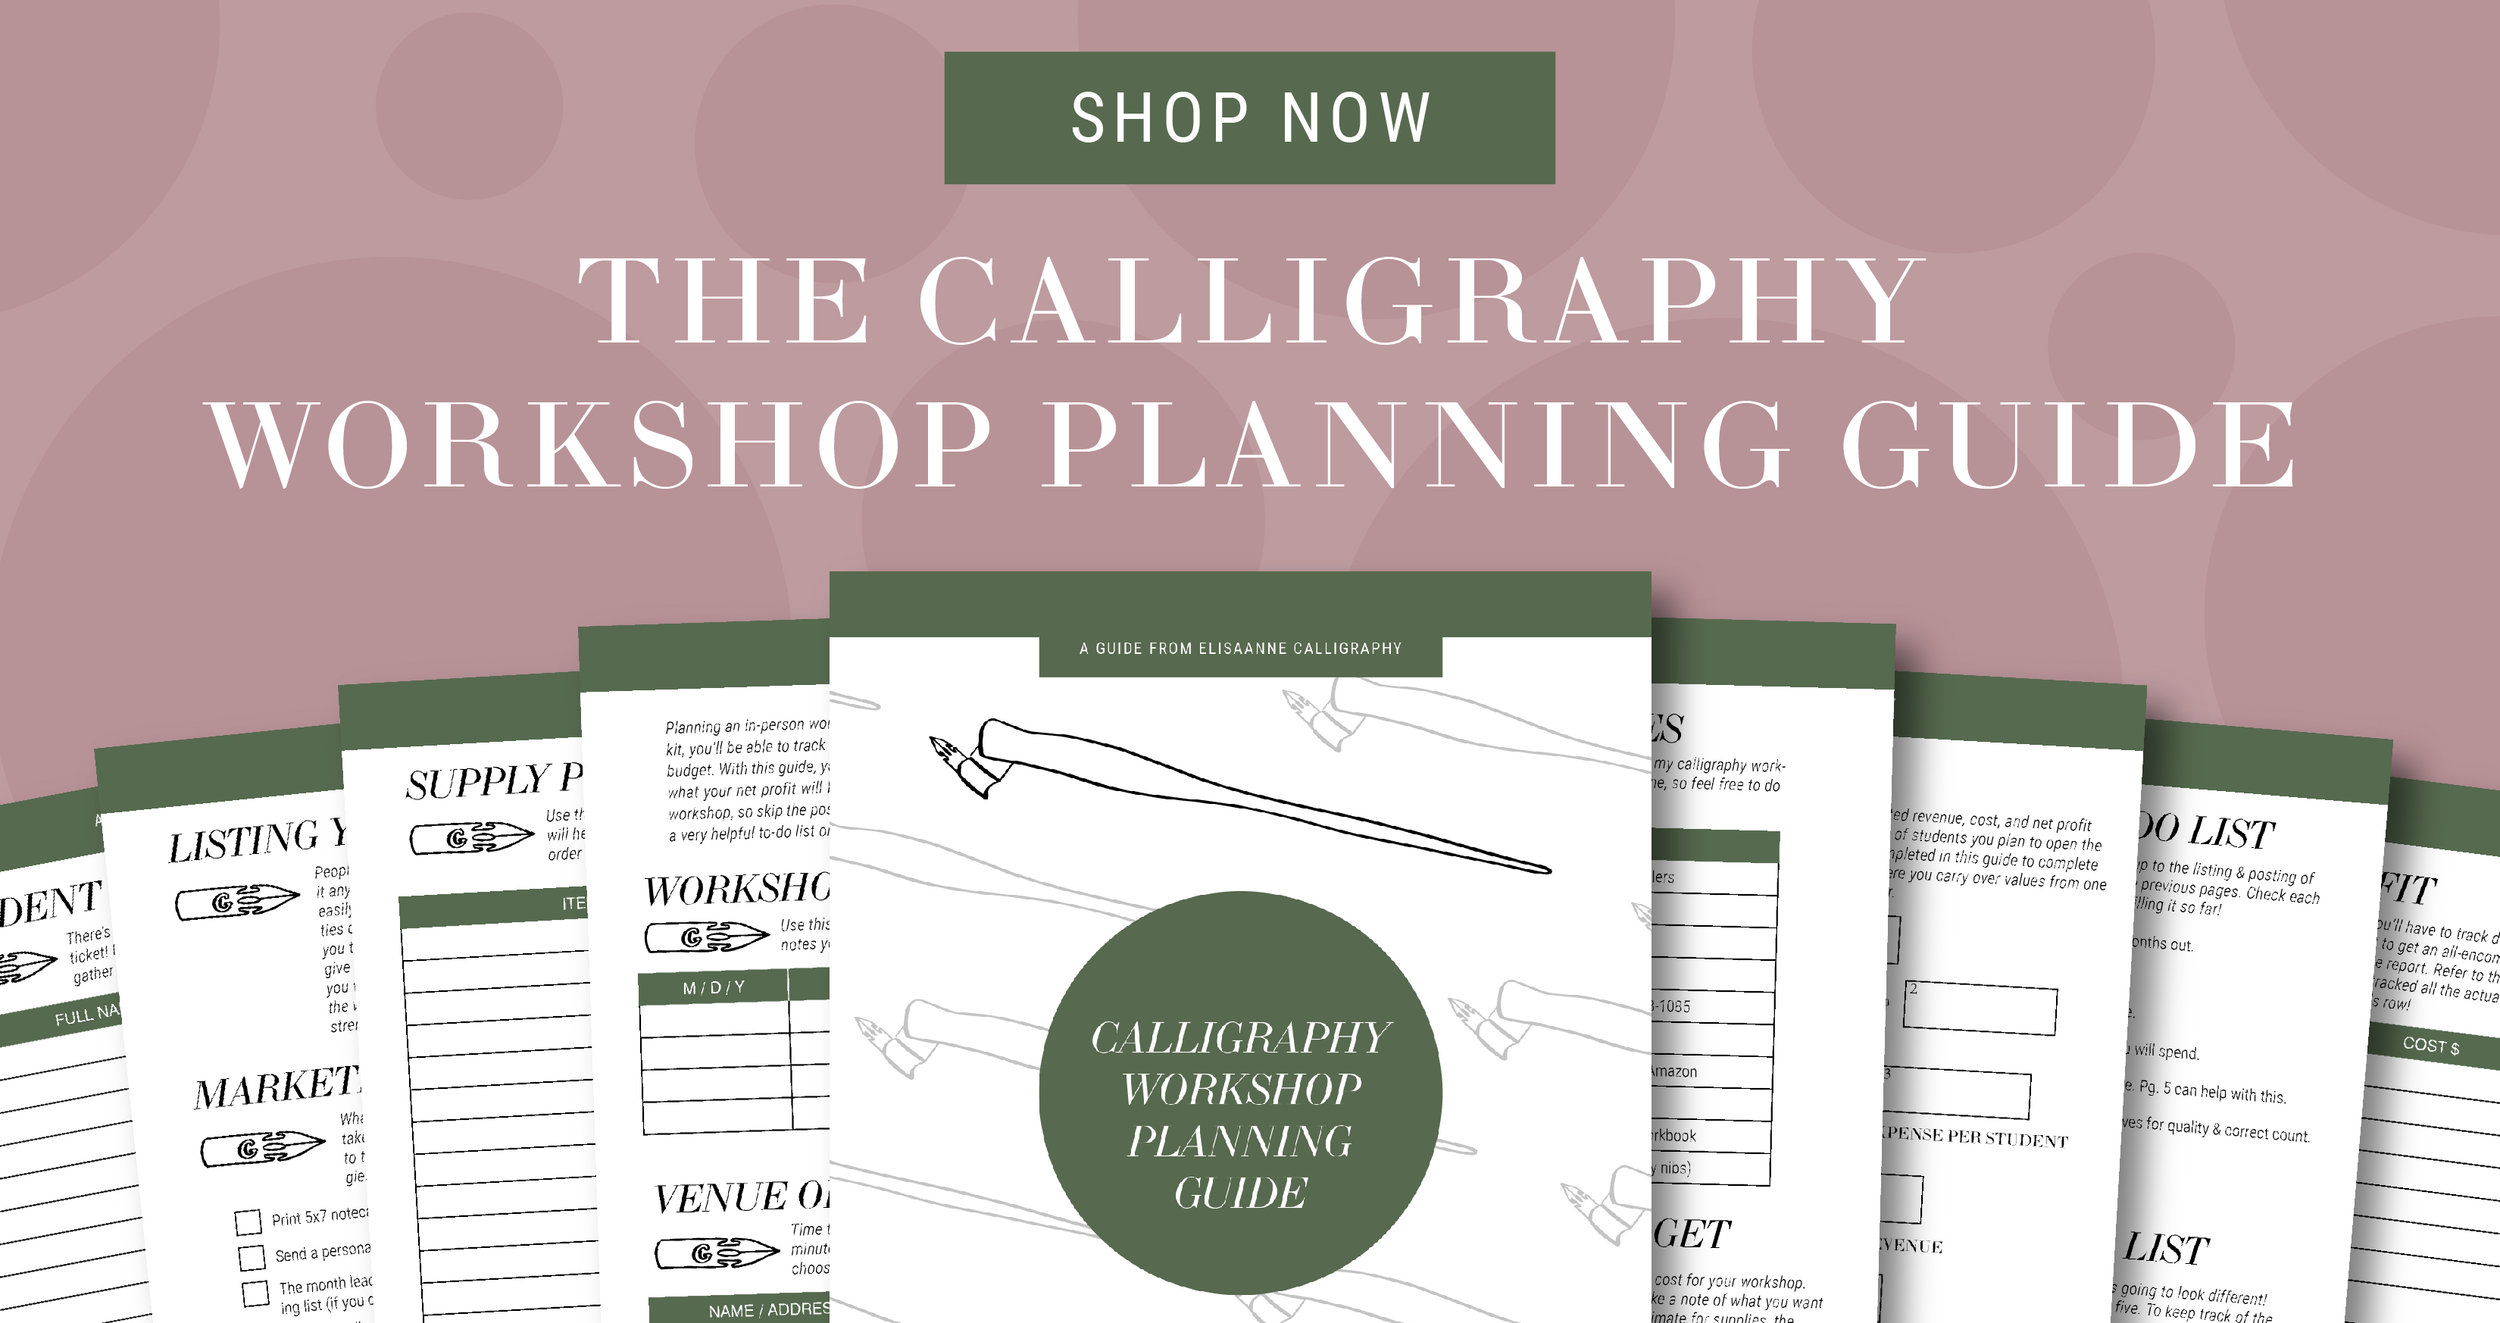 calligraphy workshop planning guide, workshop planning, how to plan a workshop, planning a calligraphy workshop